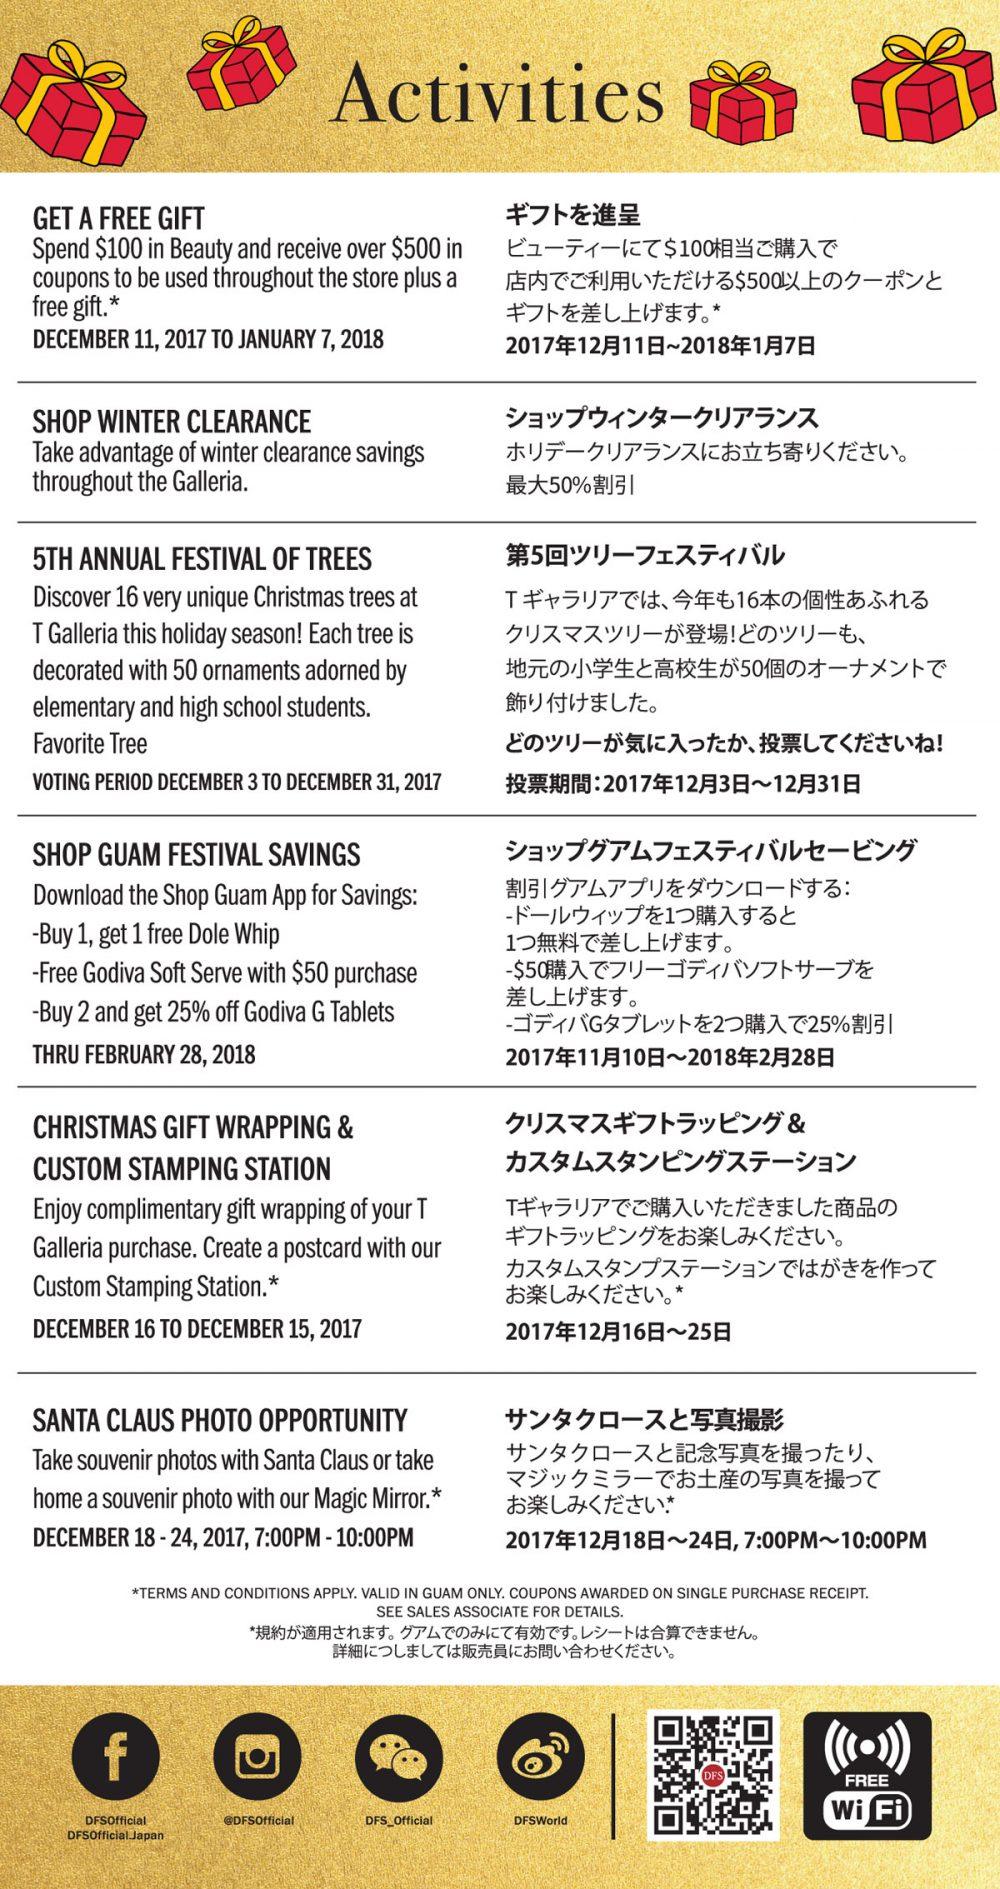 Tギャラリアグアムのクリスマスセール2017 詳細